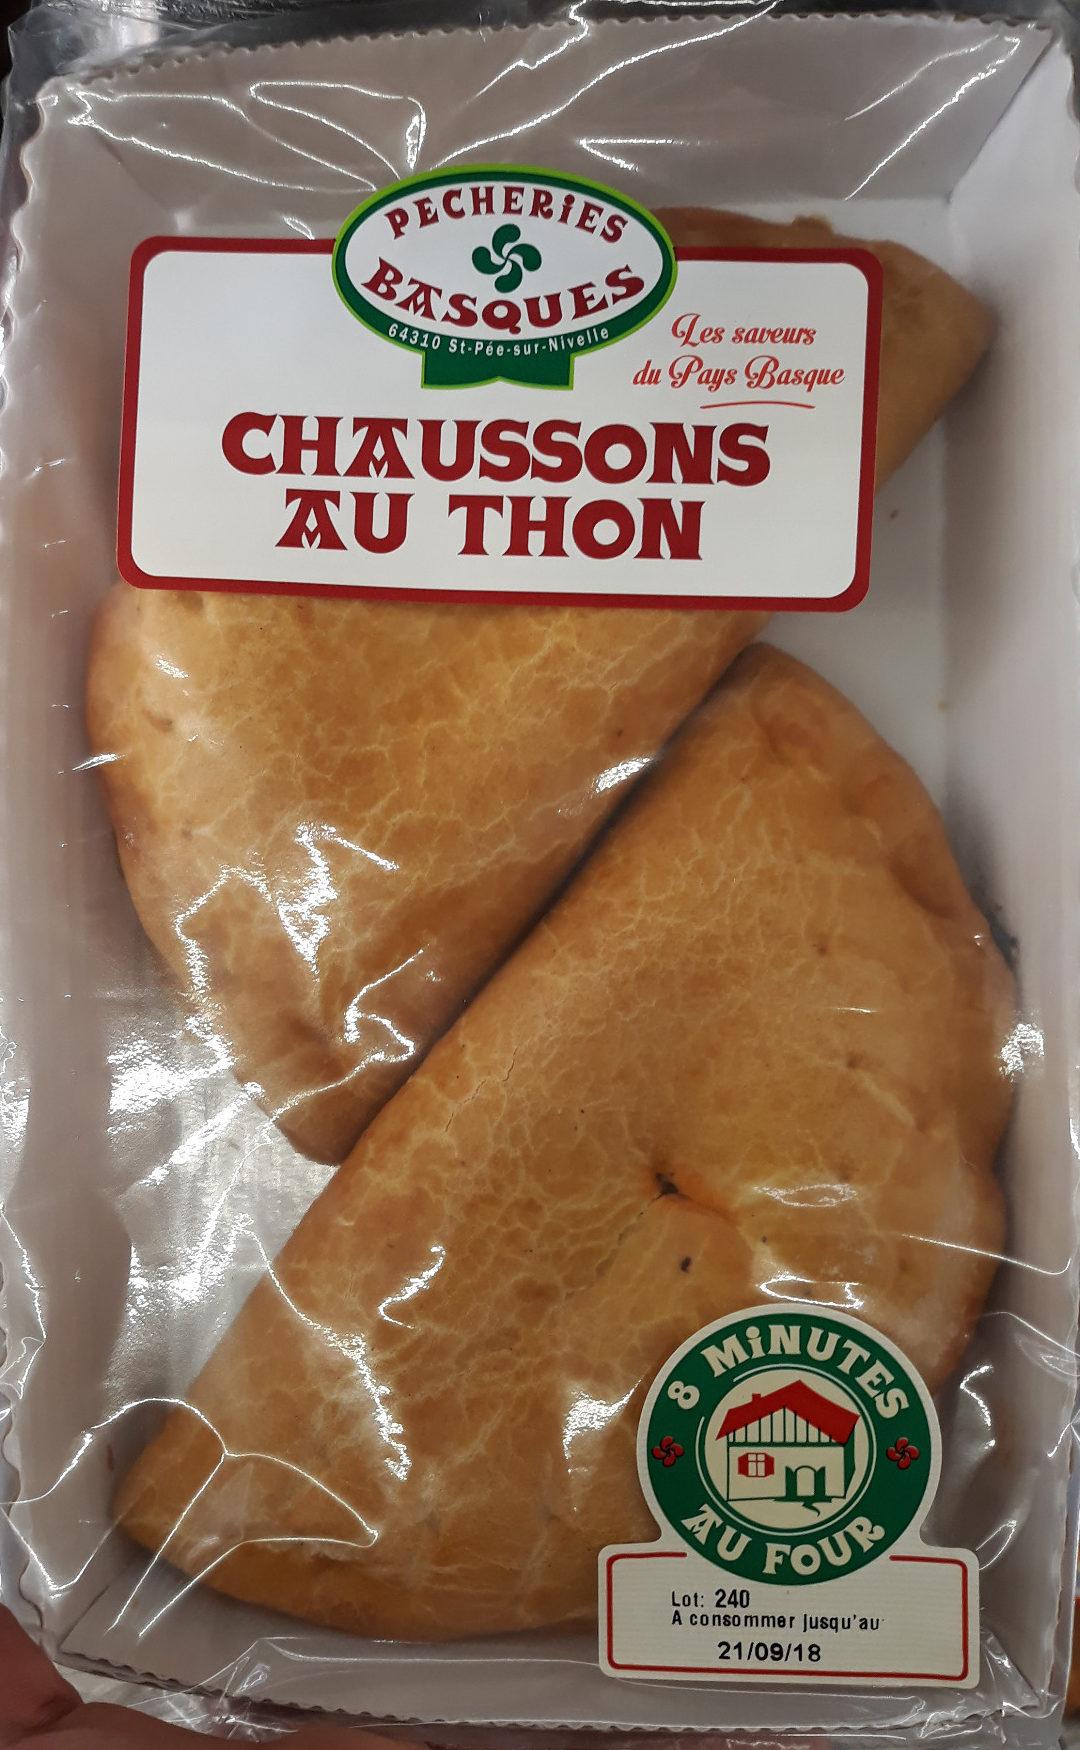 Chaussons au thon - Produit